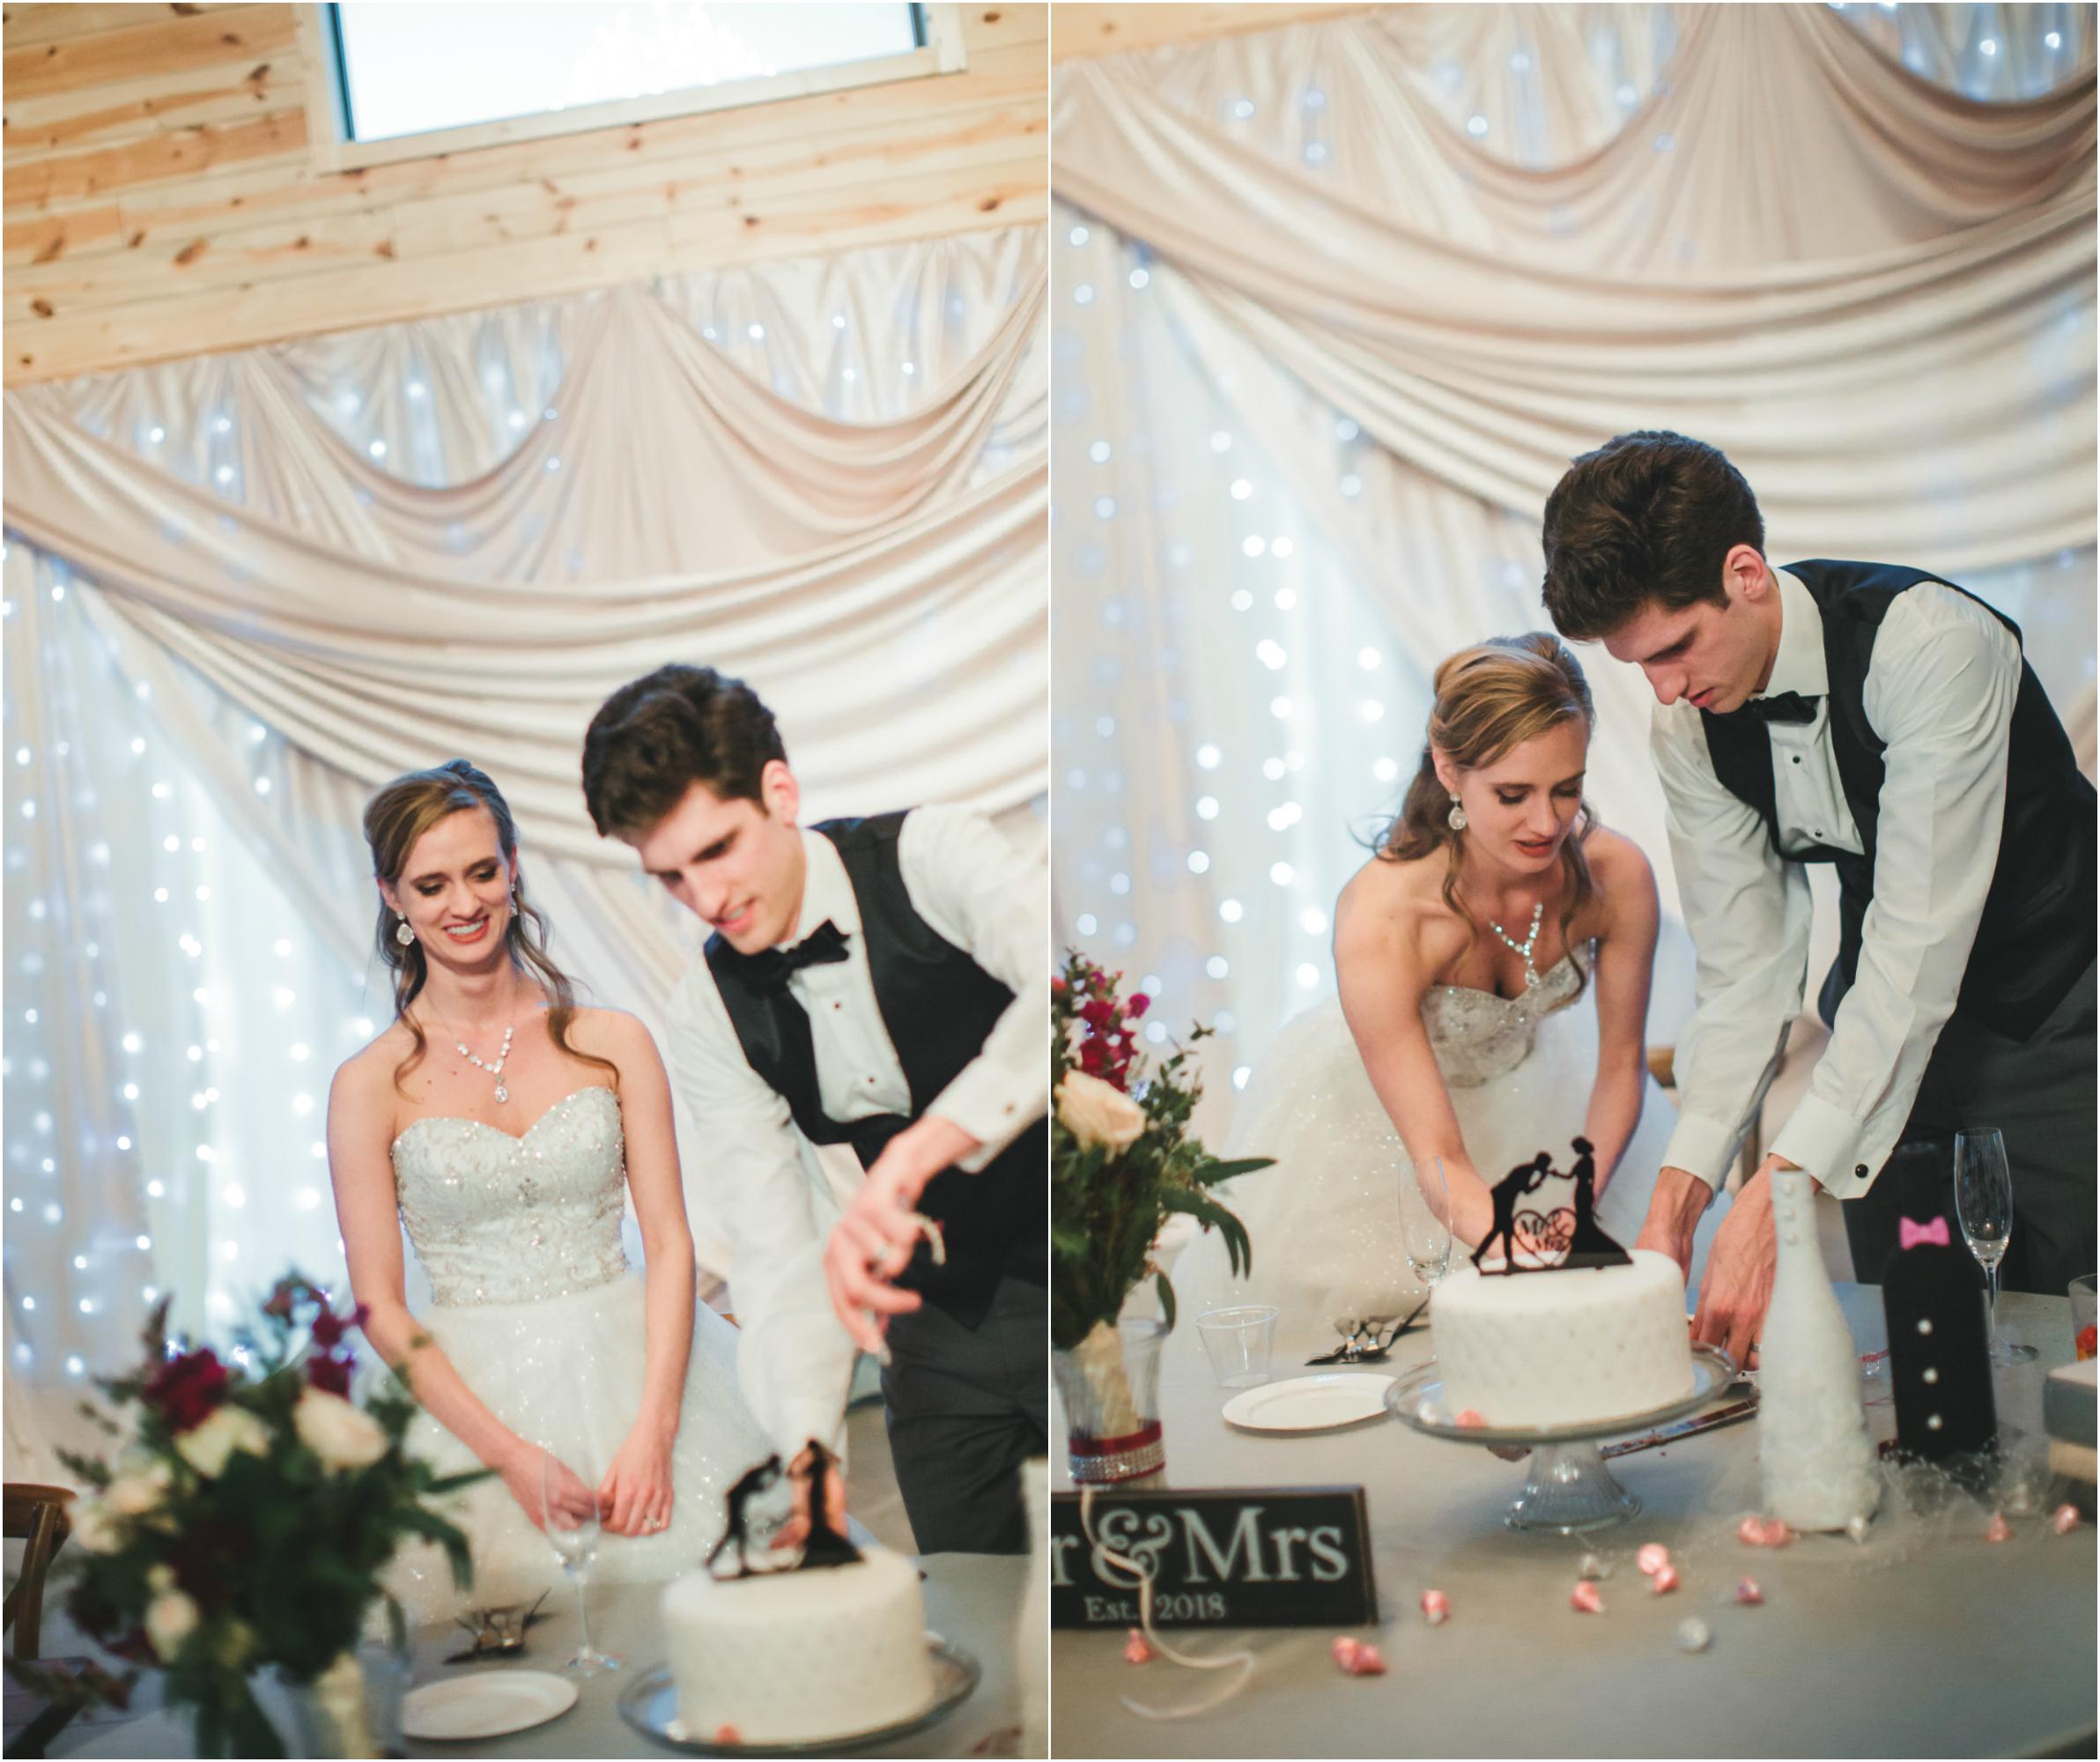 Sioux Falls Wedding cake cutting.jpg